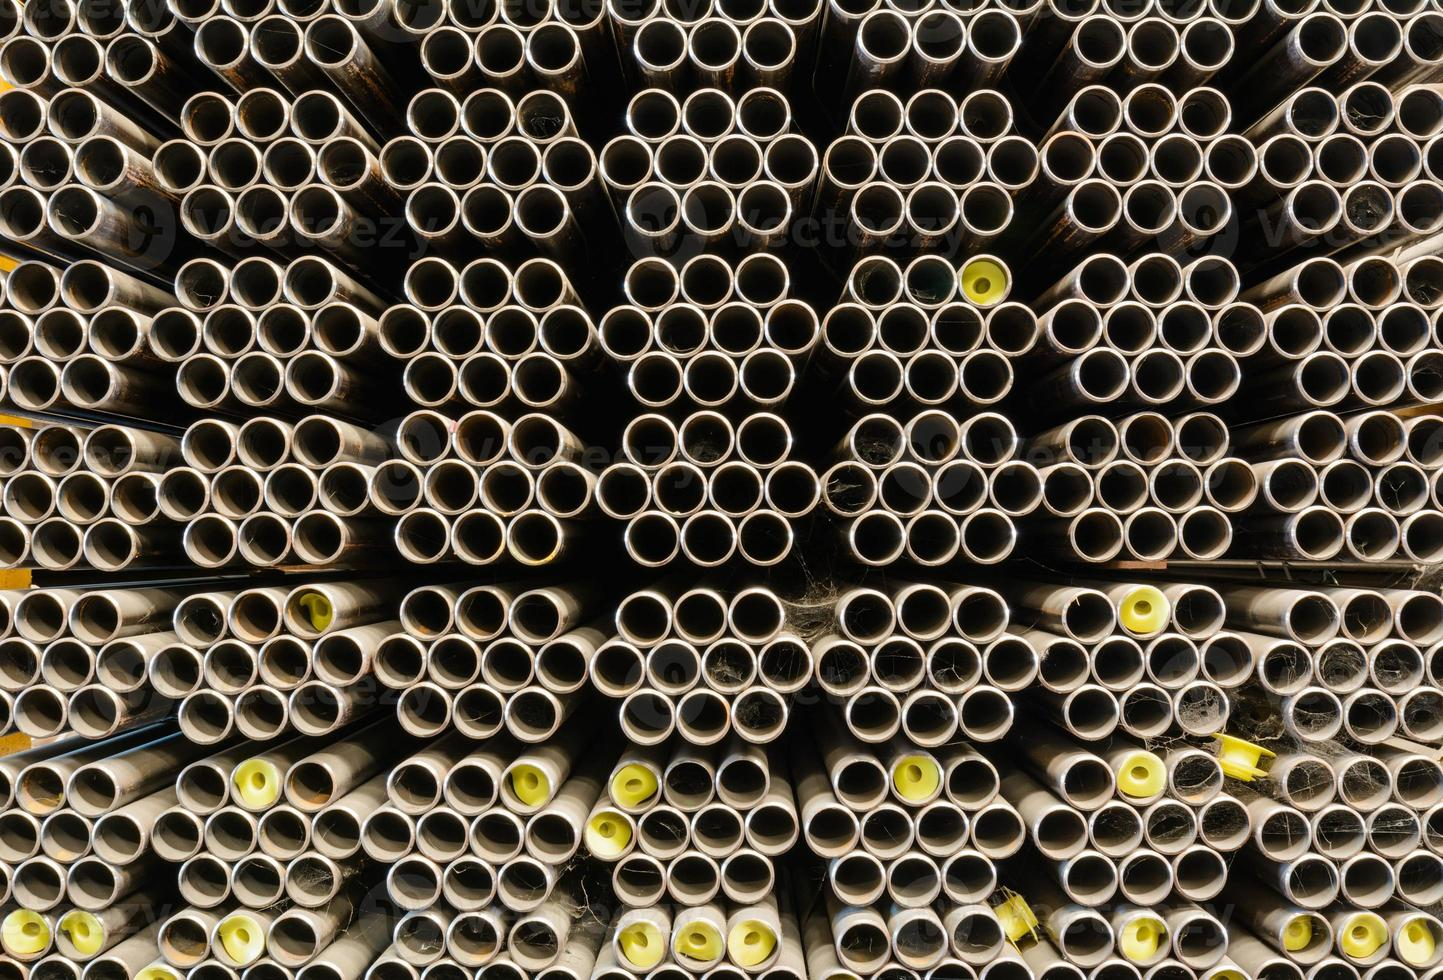 tas de tuyaux en acier dans l'entrepôt photo